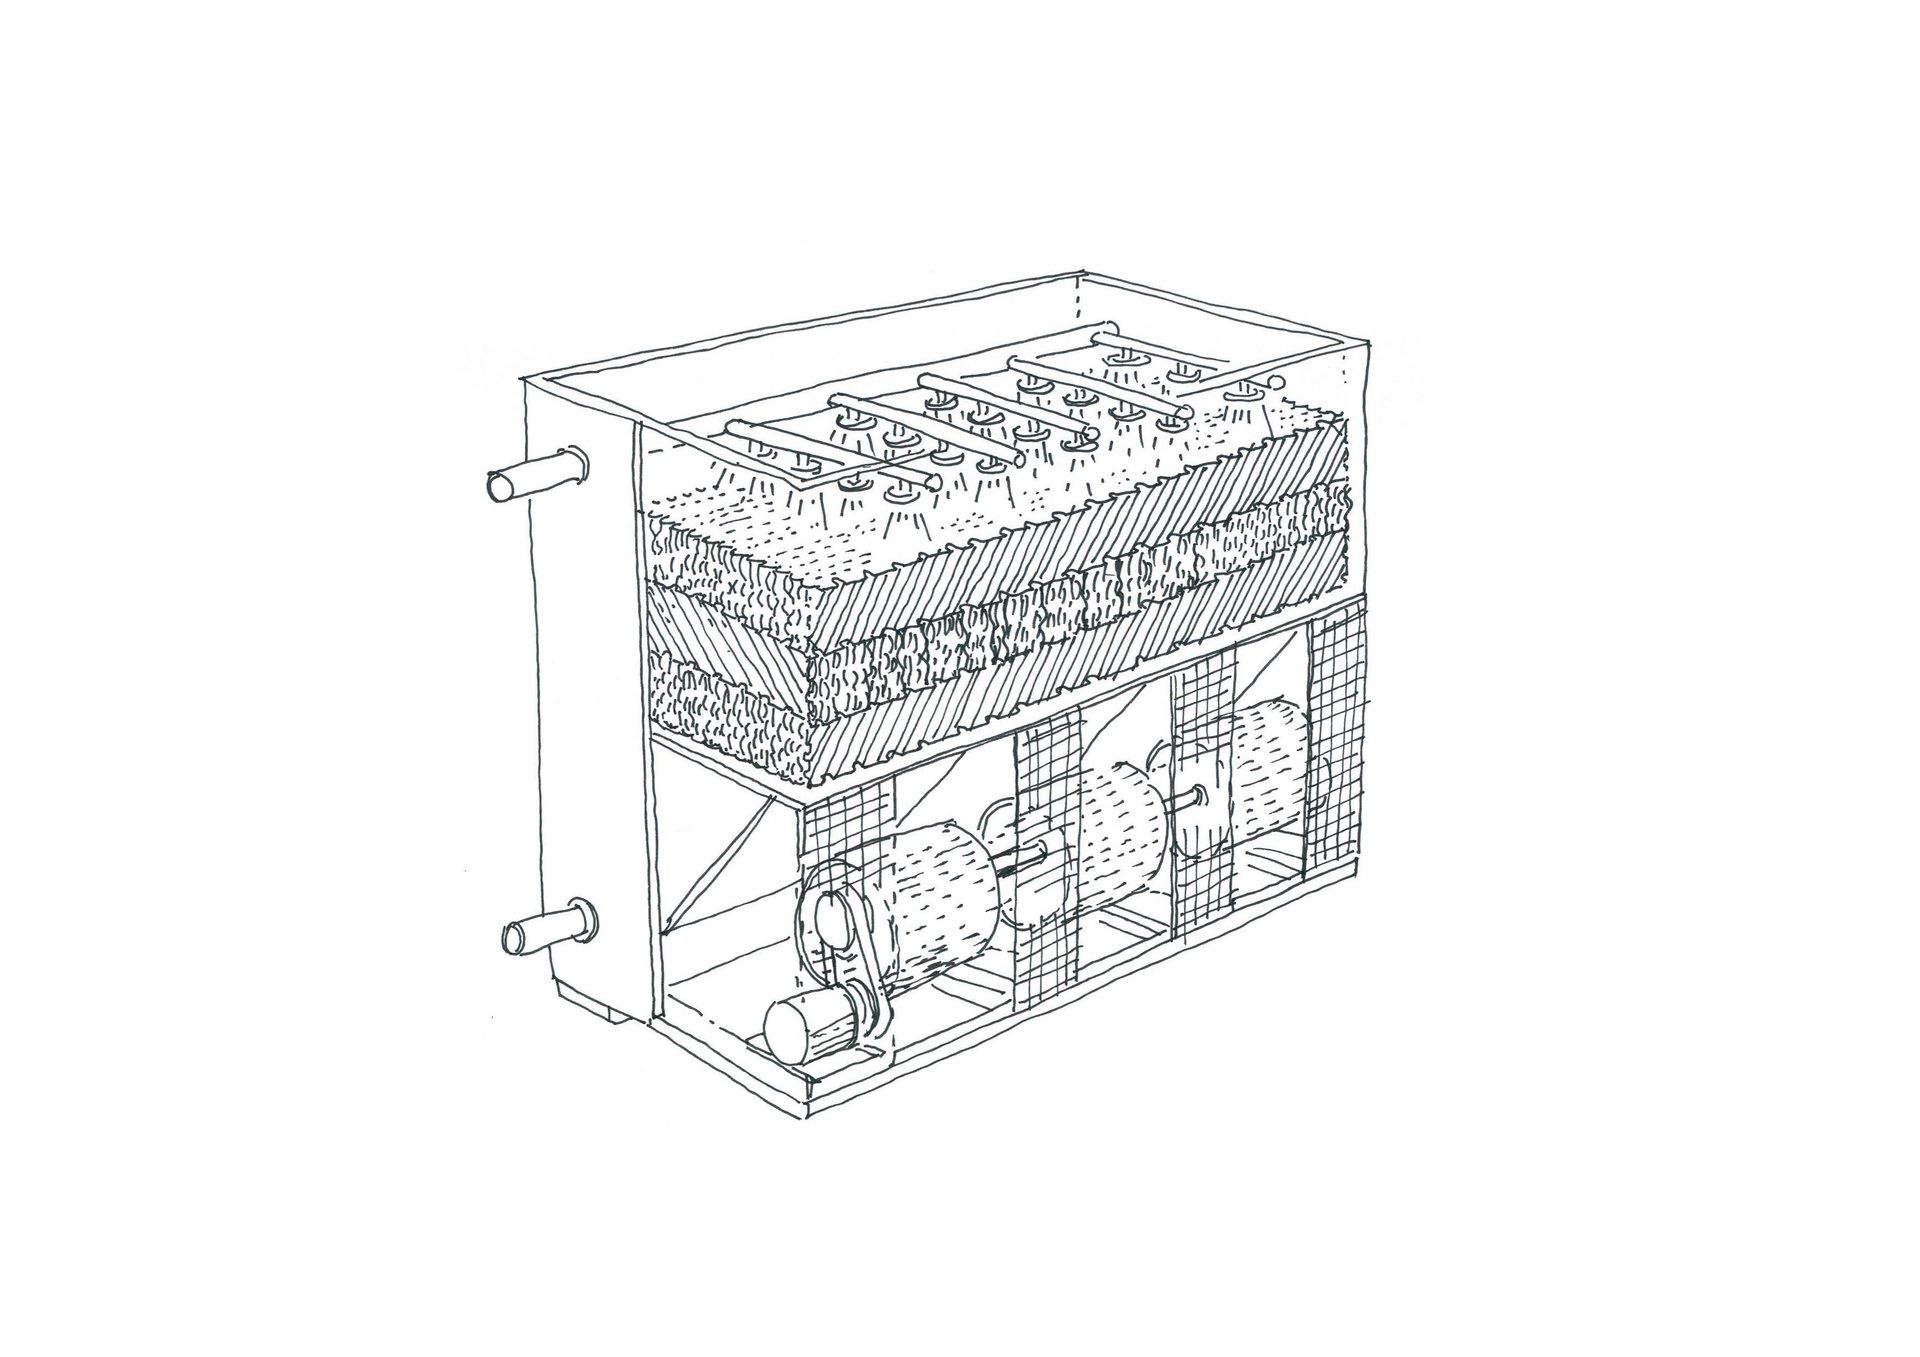 Disegno per torre da raffreddamento a circuito aperto  TMR